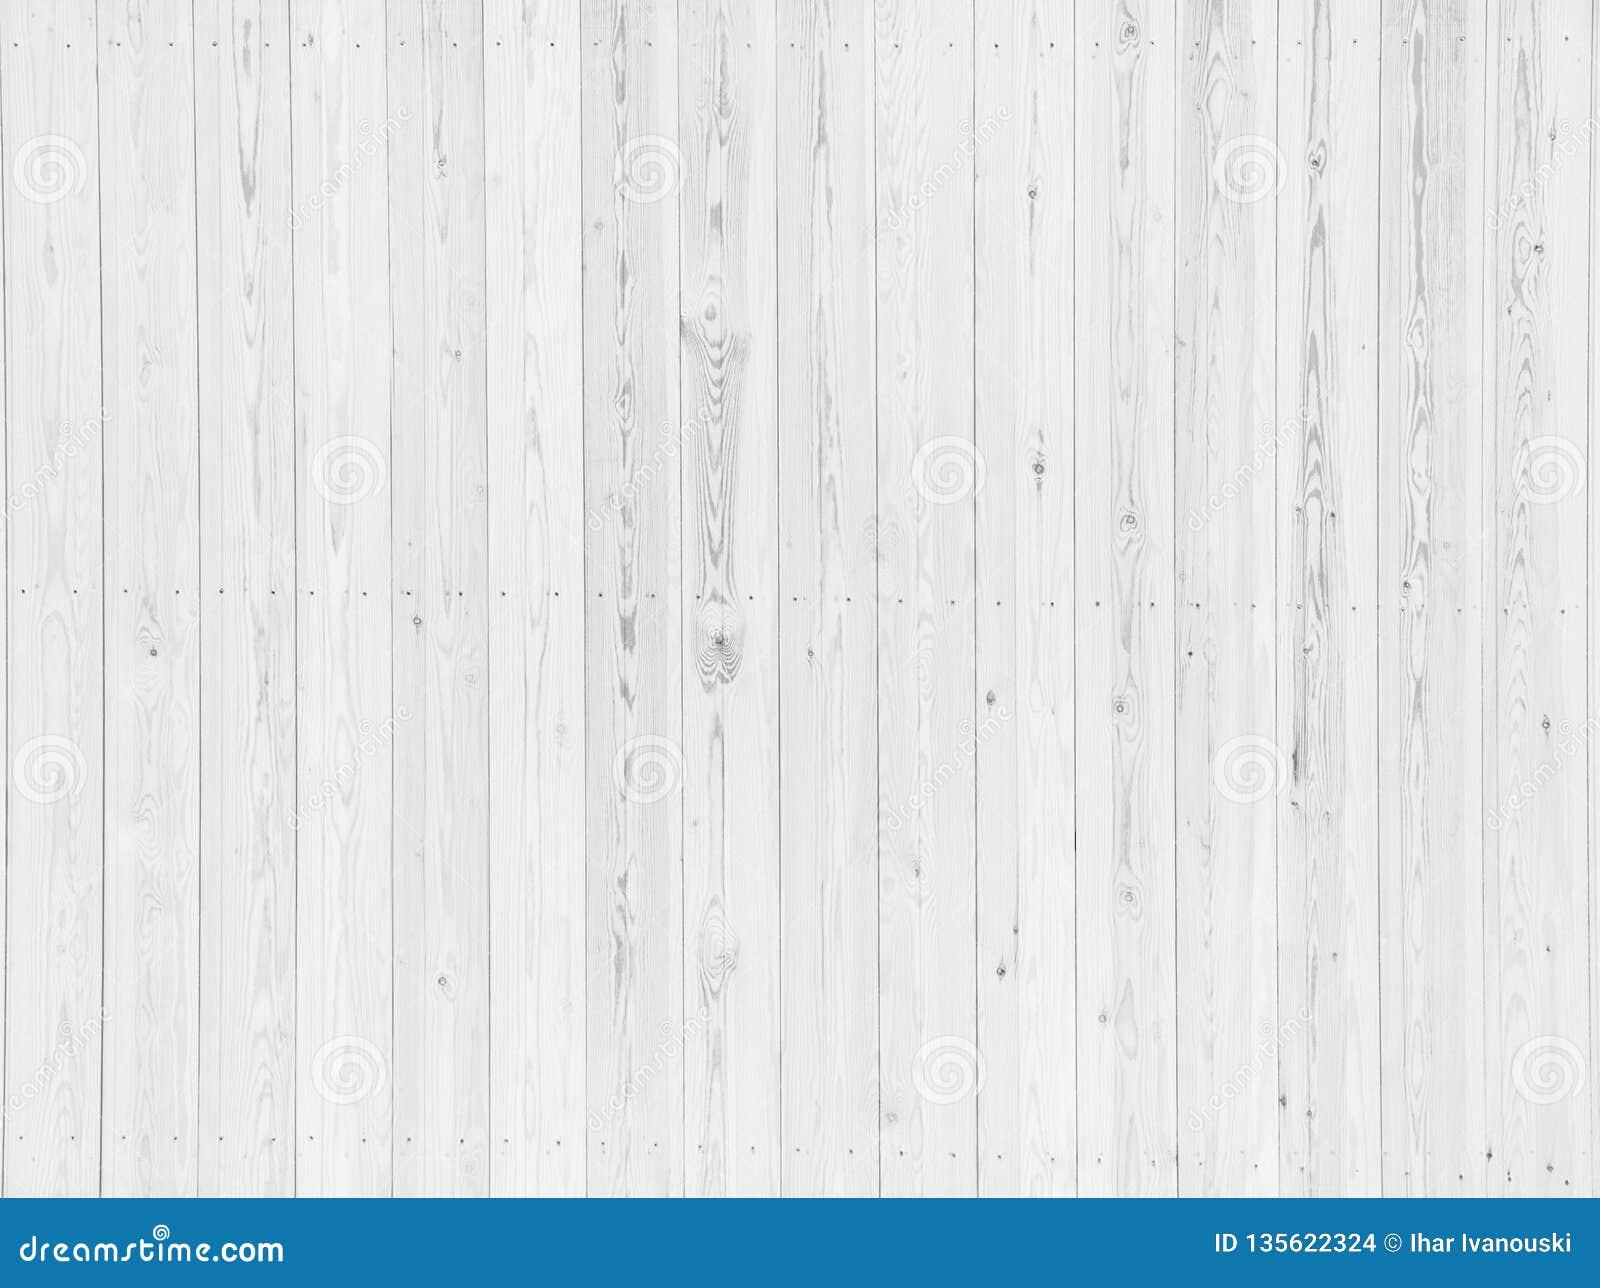 Tablero blanco con textura o fondo superficial envejecida